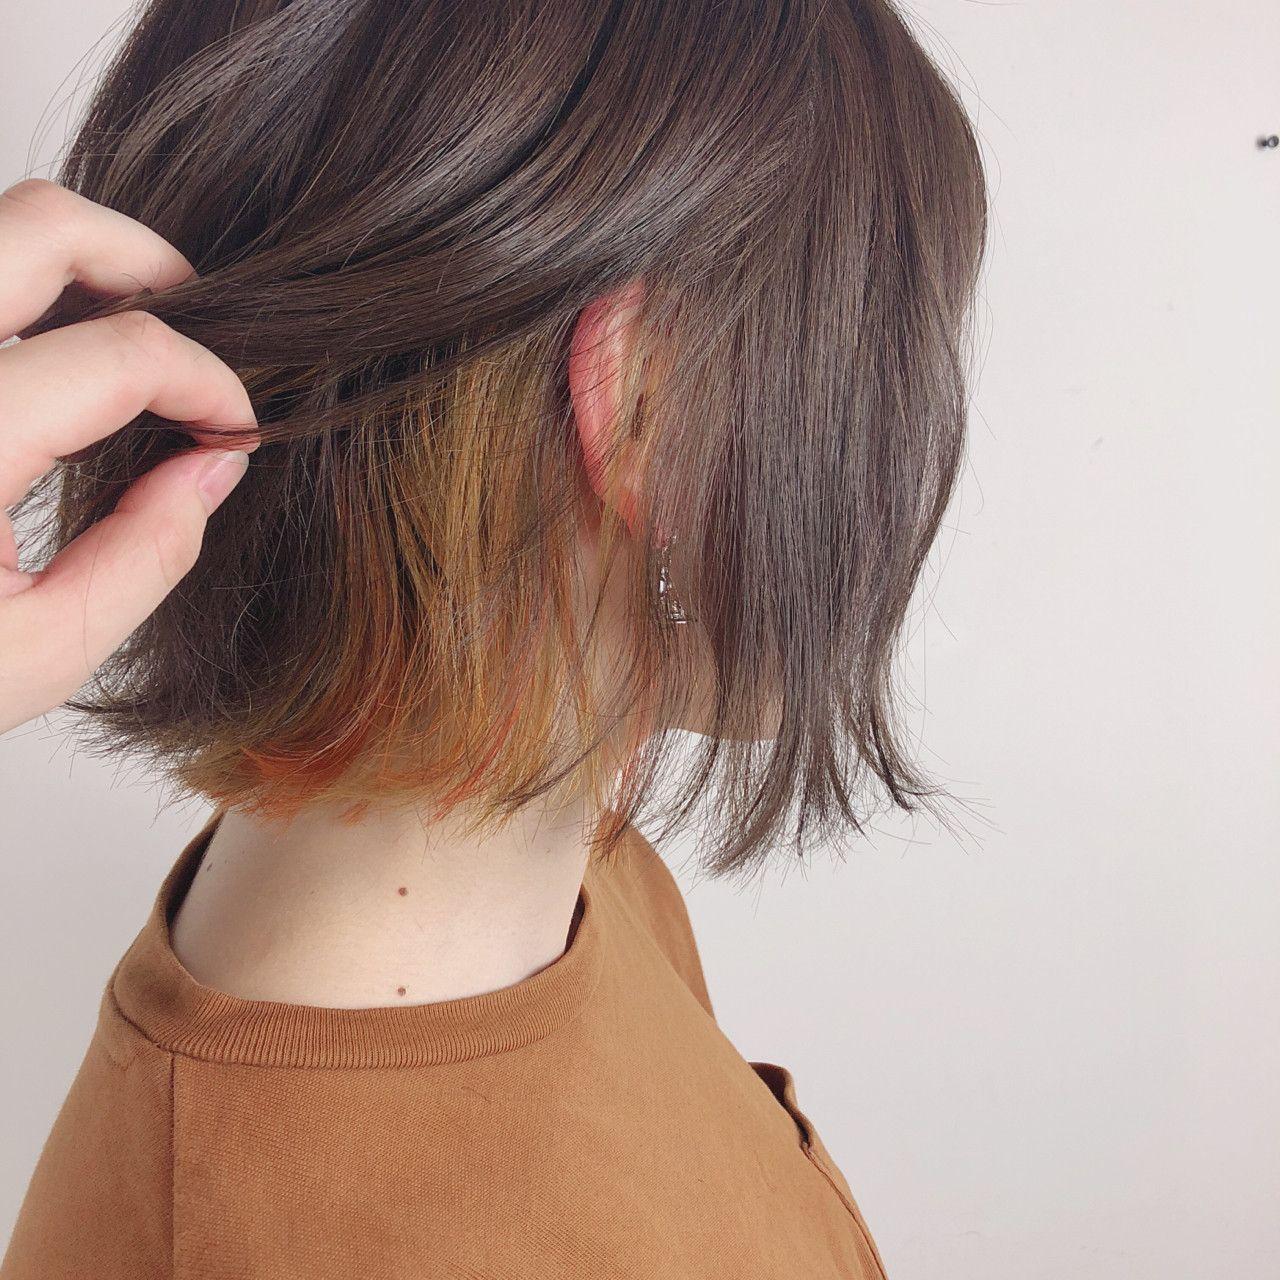 夏ミディアムはインナーカラーをプラスしてさりげなくオシャレに 髪